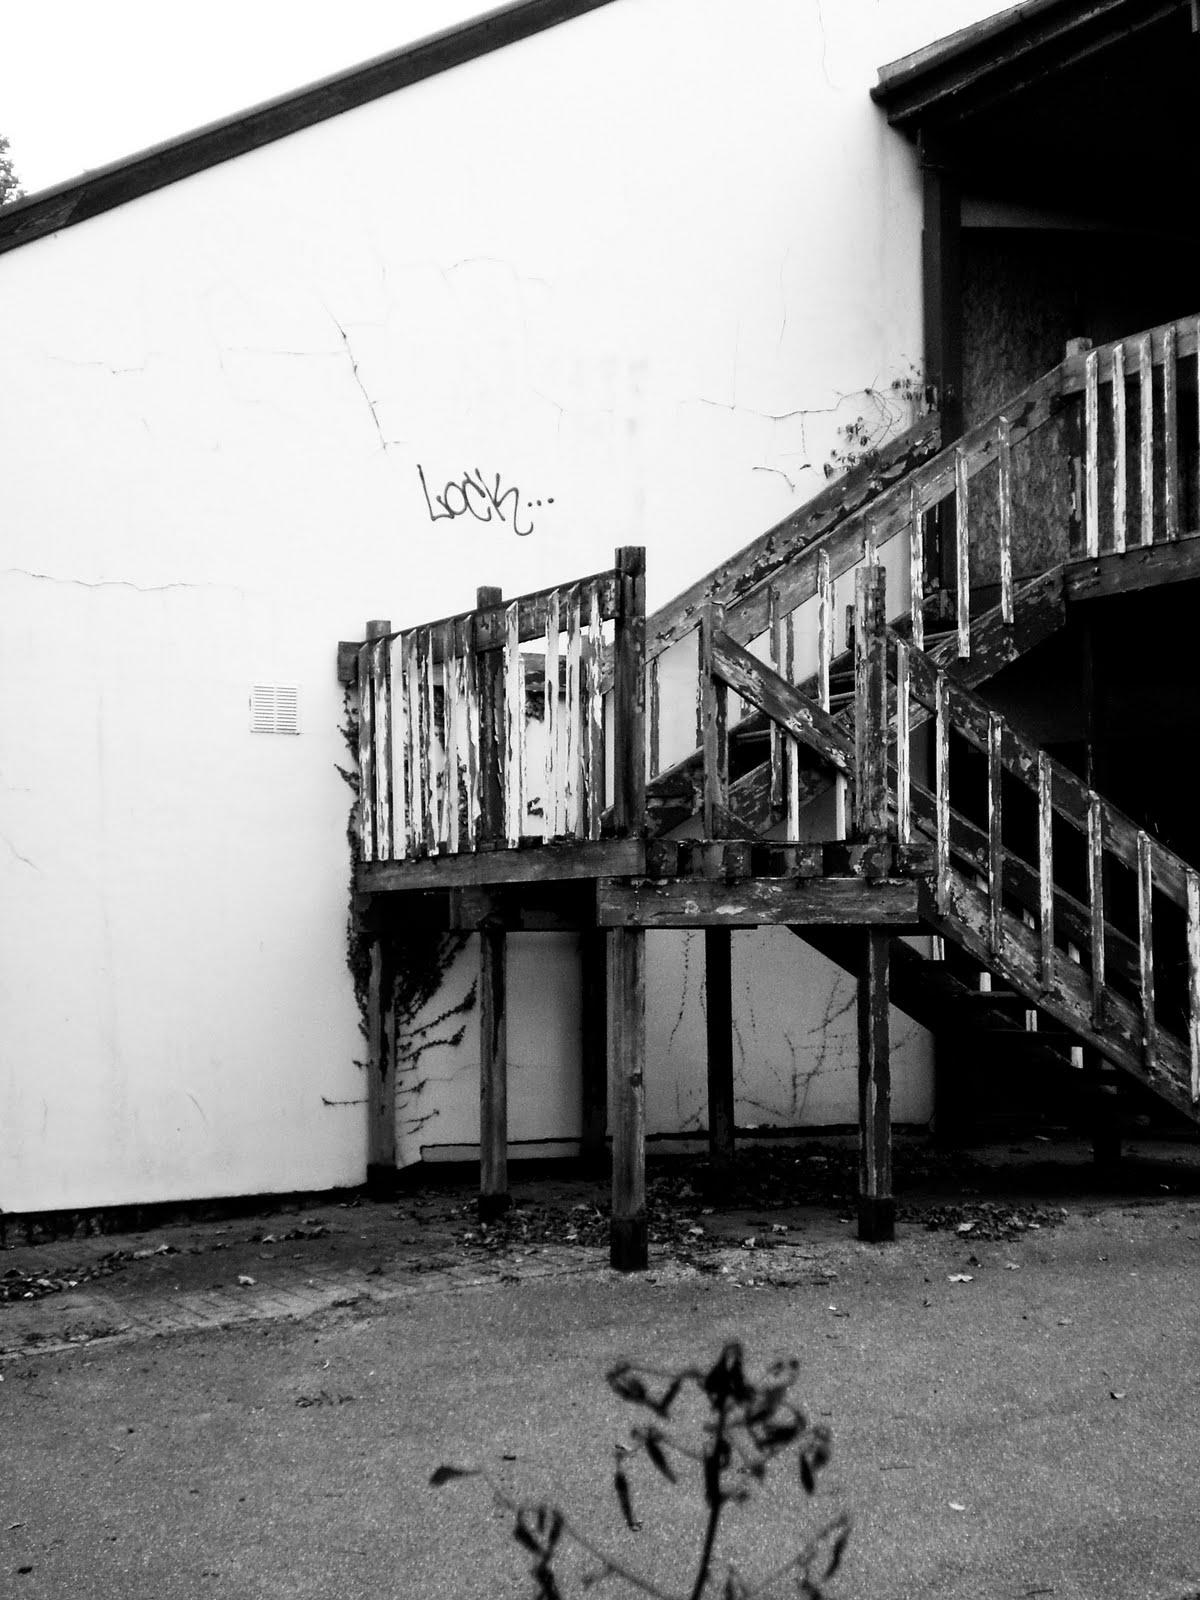 [graffiti.pdf]